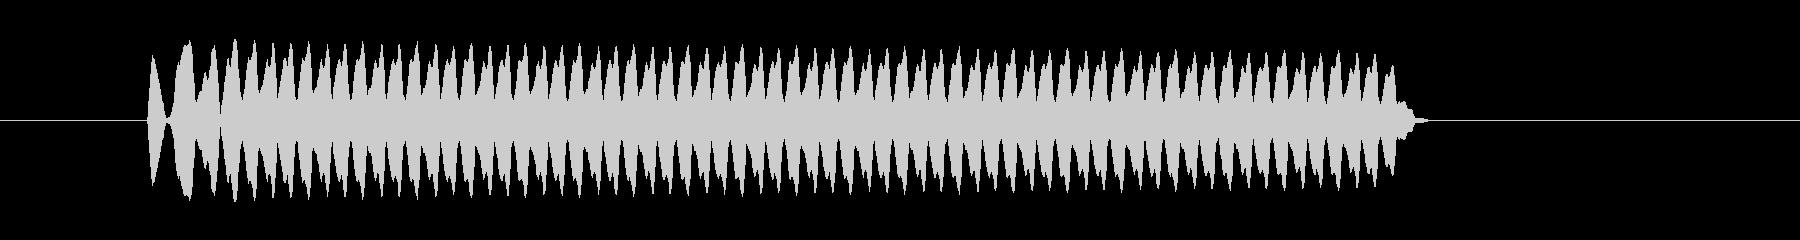 「ピー (ホイッスルの音)」の未再生の波形